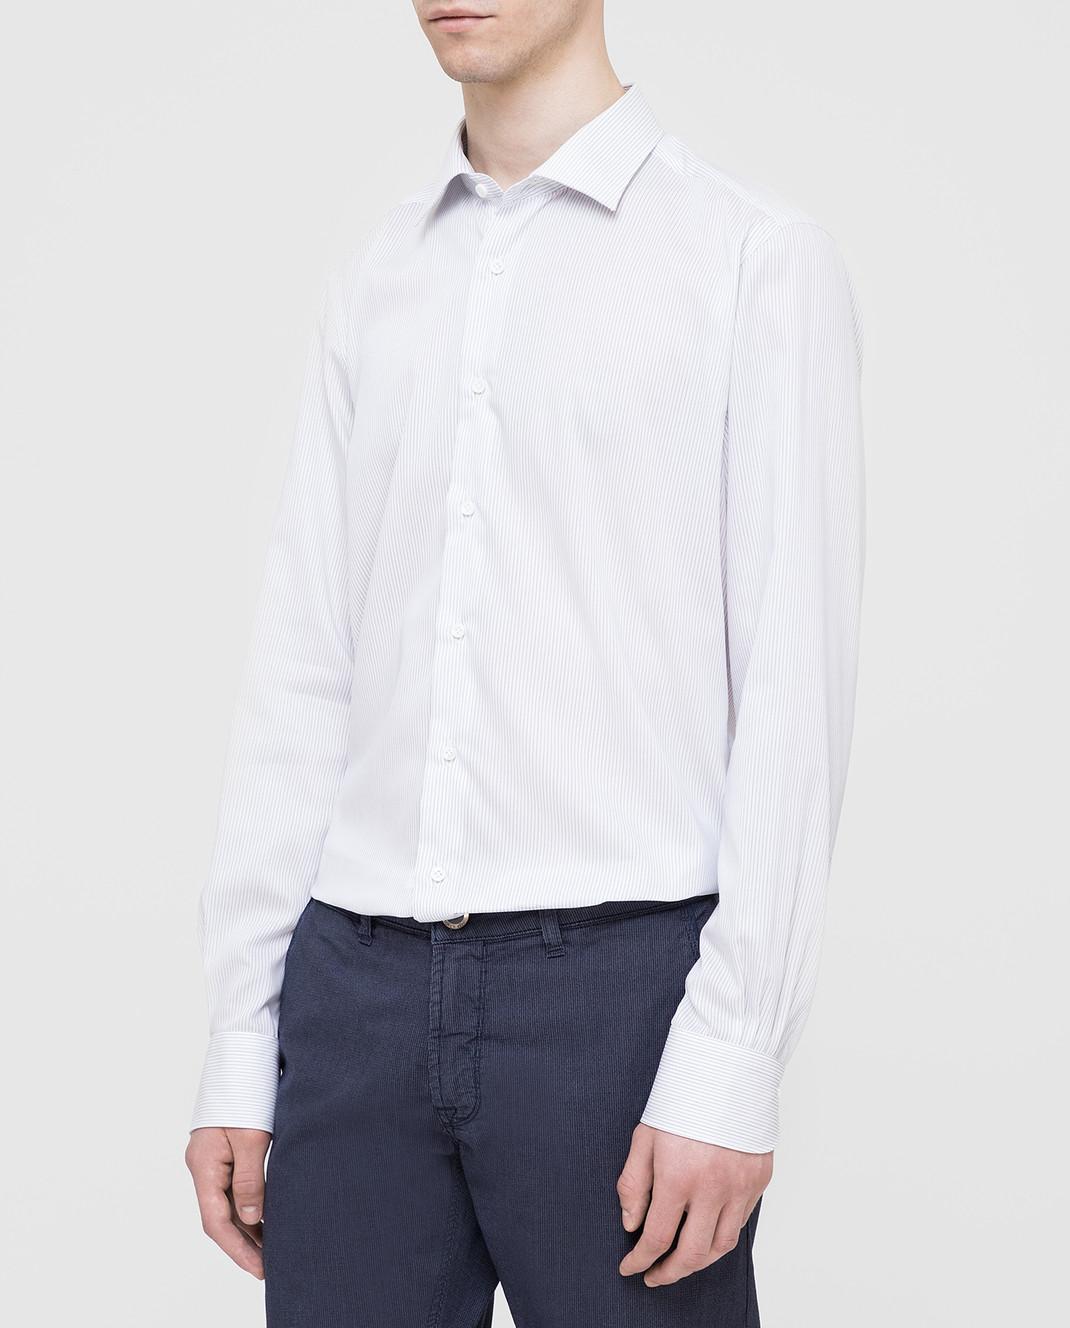 Carrel Белая рубашка на пуговицах C4510418G изображение 3